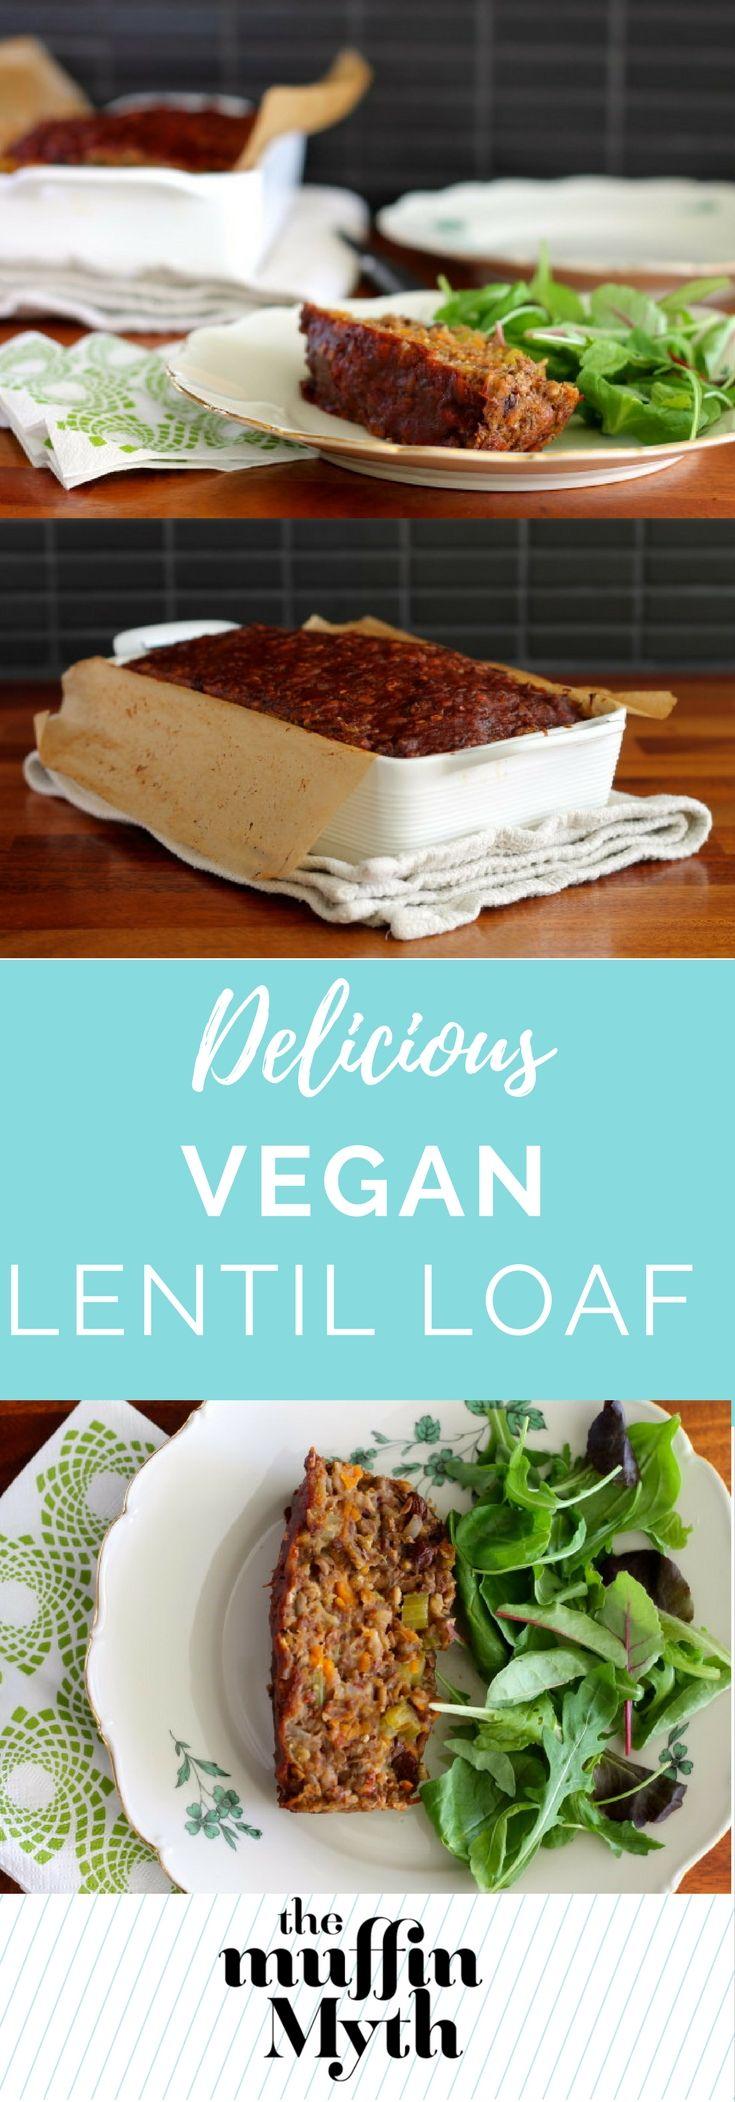 lentil loaf {vegan} - The Muffin Myth